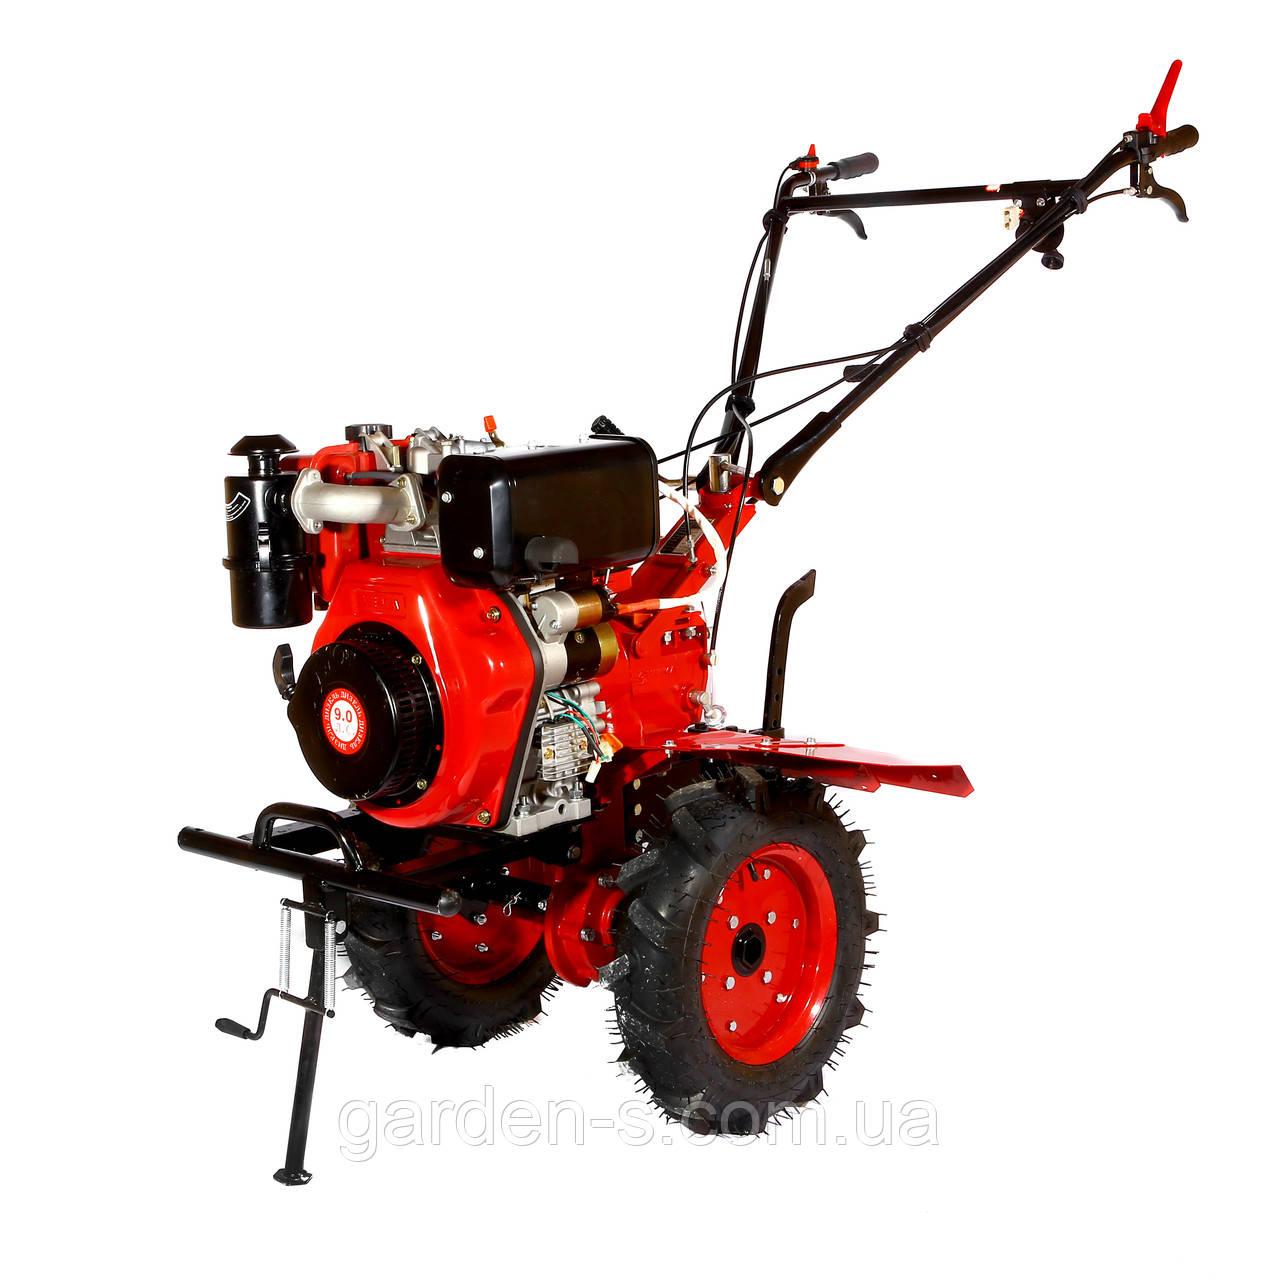 Мотоблок WEIMA WM1100В (дизель 9л.с., колеса 4.00-10) Бесплатная доставка